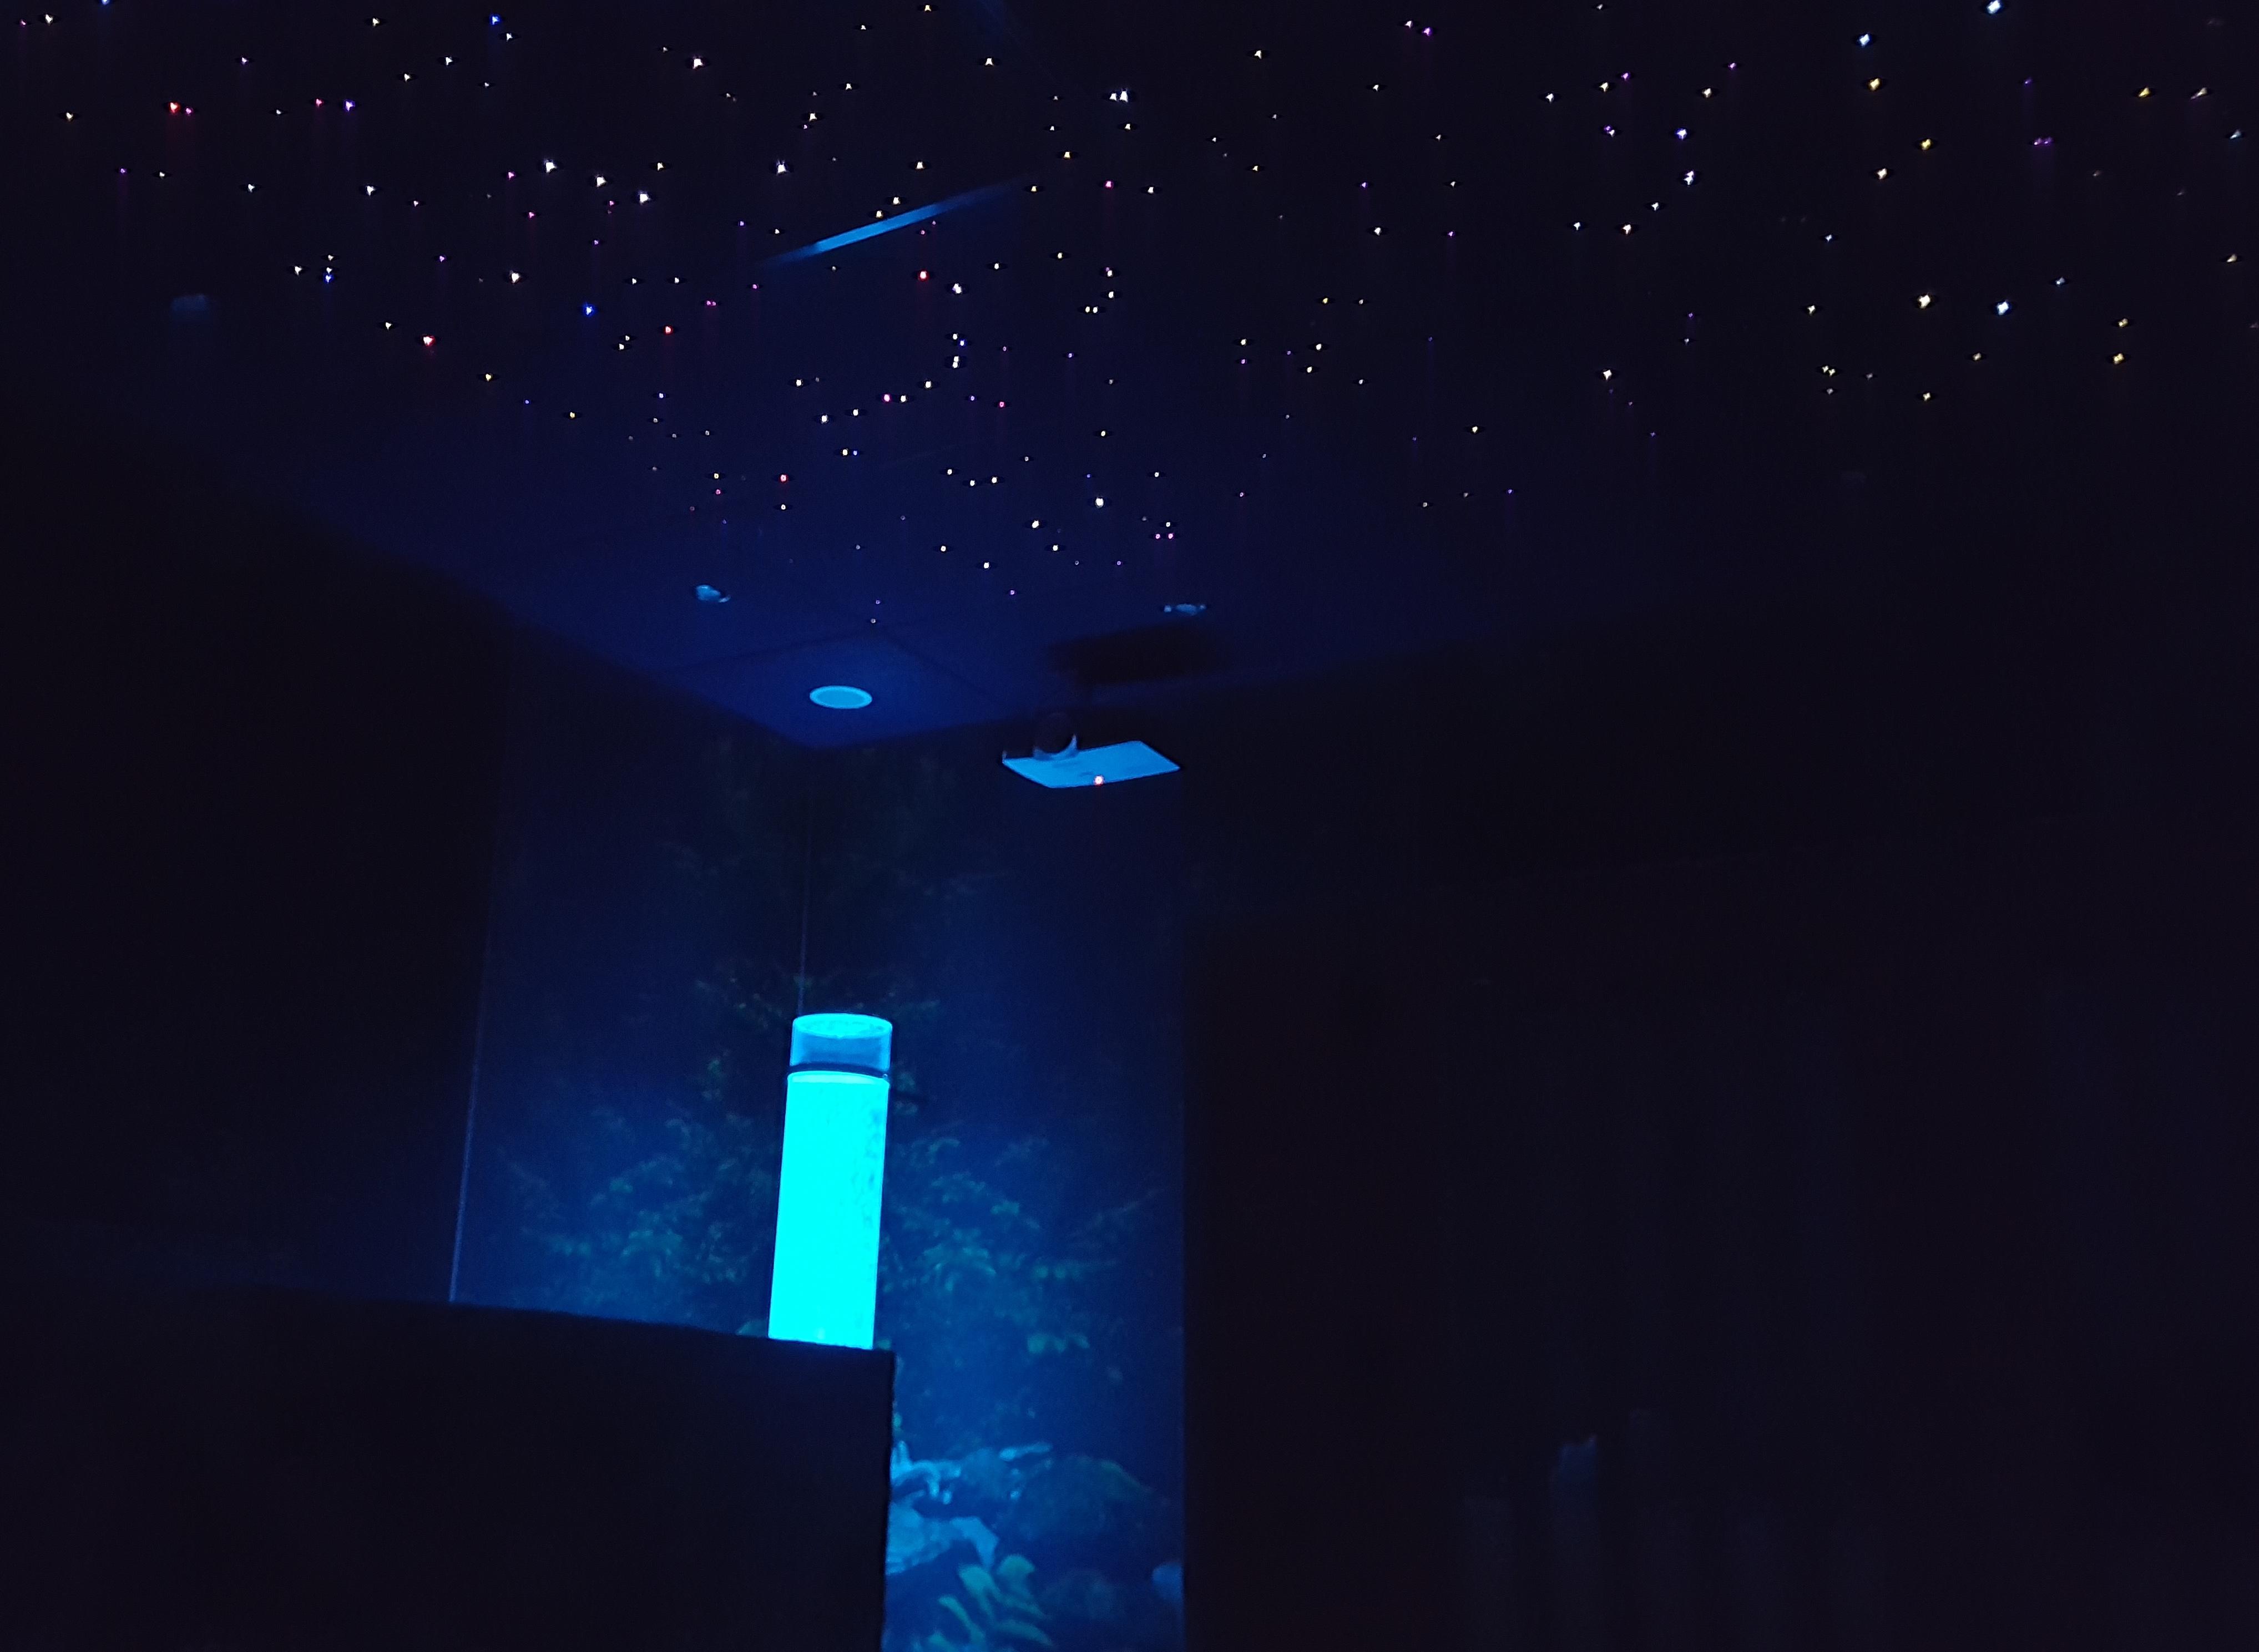 snoezelen snoezelruimte snoezen sensopatisch best snoezelkamer dementie materiaal projector therapie sensopatisch materiaal kopen ouderen producten sterrenhemel plafond verlichting